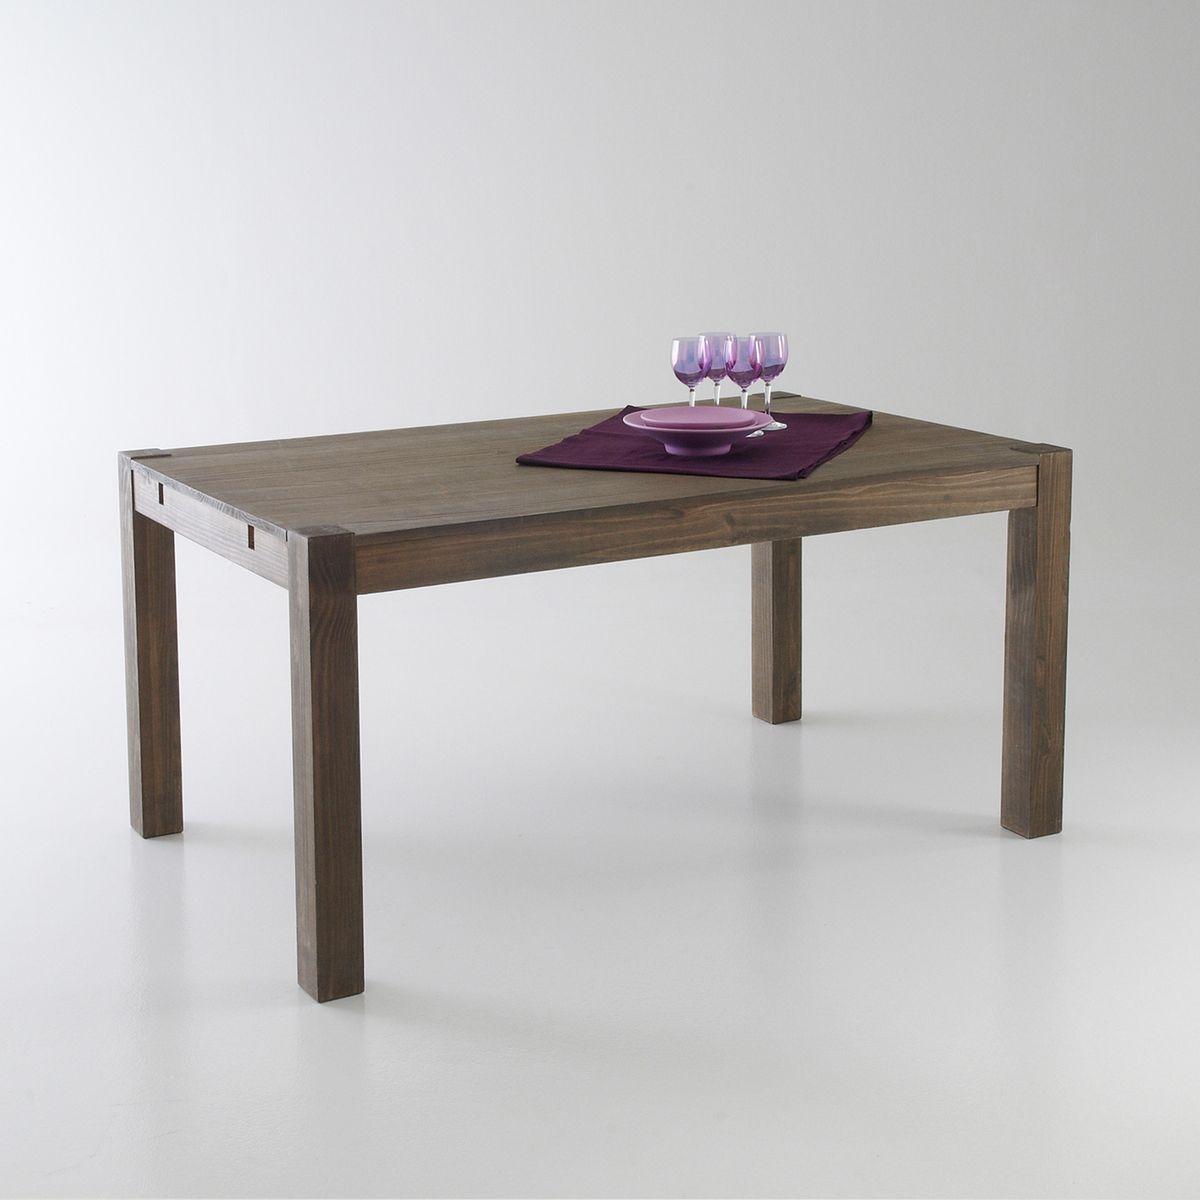 Table 2 allonges pin massif 6 à 10 couverts, Lunja de salle à manger en pin massif aux proportions parfaites, finition façon teck. Cette table originale est dotée d'un magnifique design : les pieds de section carrée se découpent sur le plateau.Descriptif